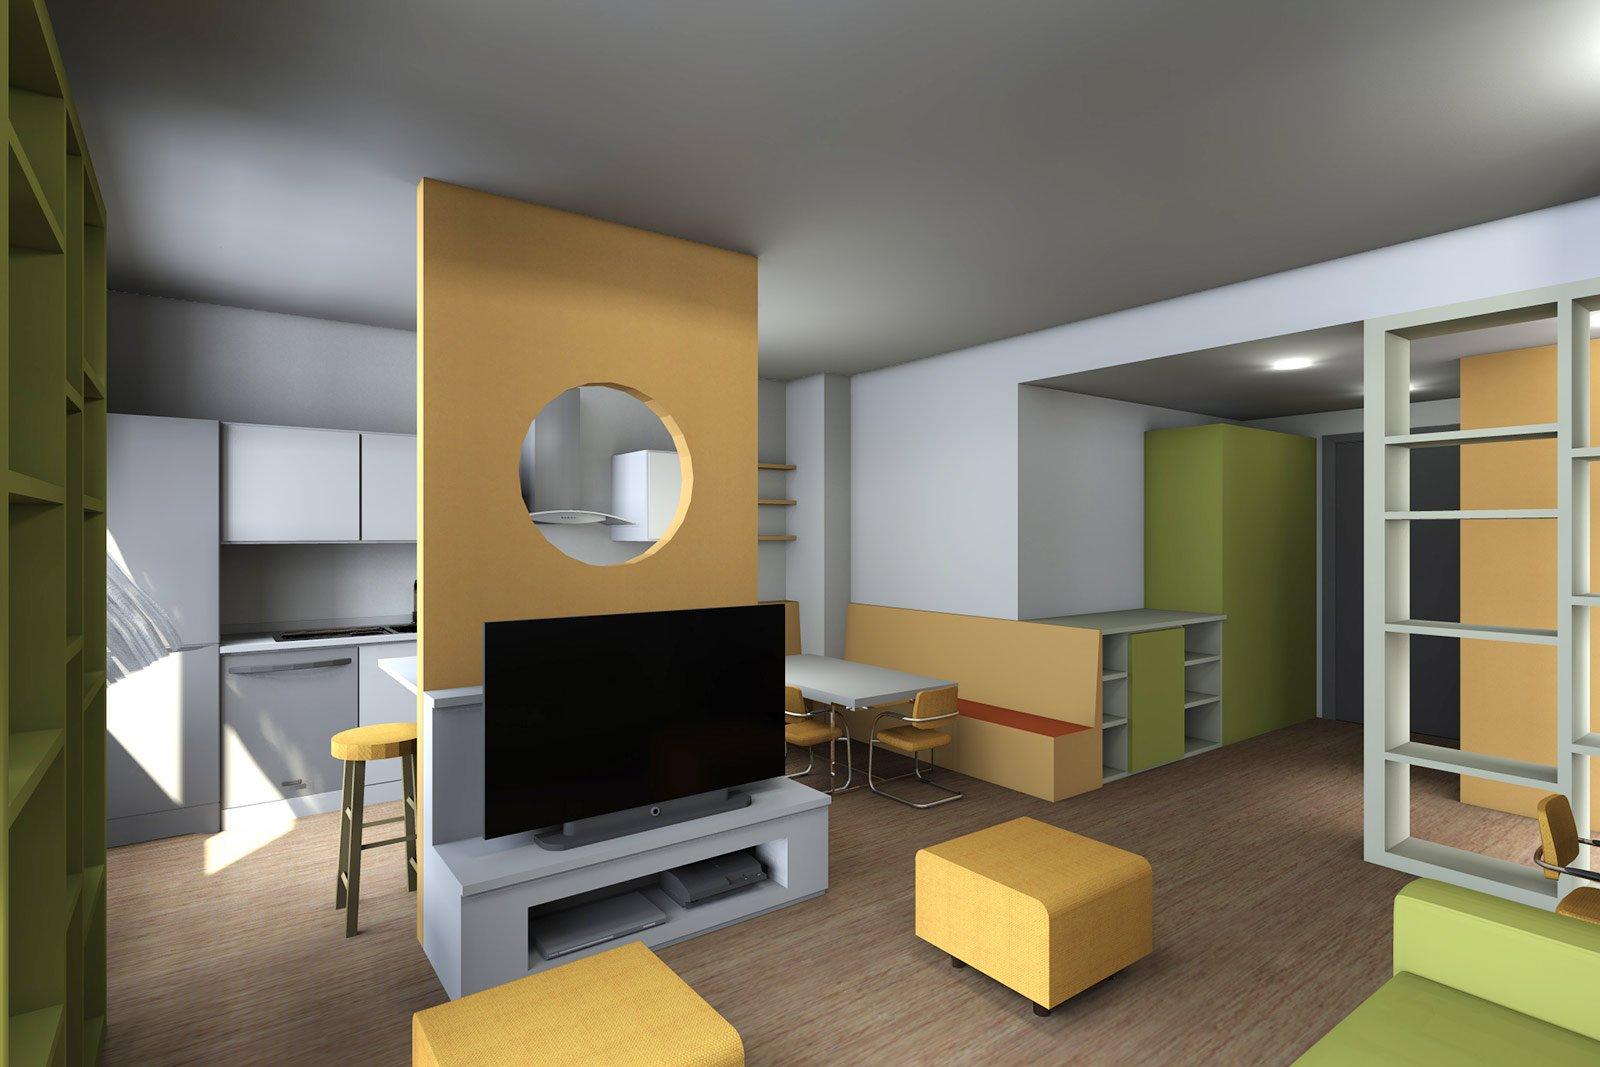 Soggiorno Con Cucina A Vista. Pianta E Prospetto In 3D Cose Di Casa #9D842E 1600 1067 Come Arredare Un Ambiente Unico Cucina Soggiorno